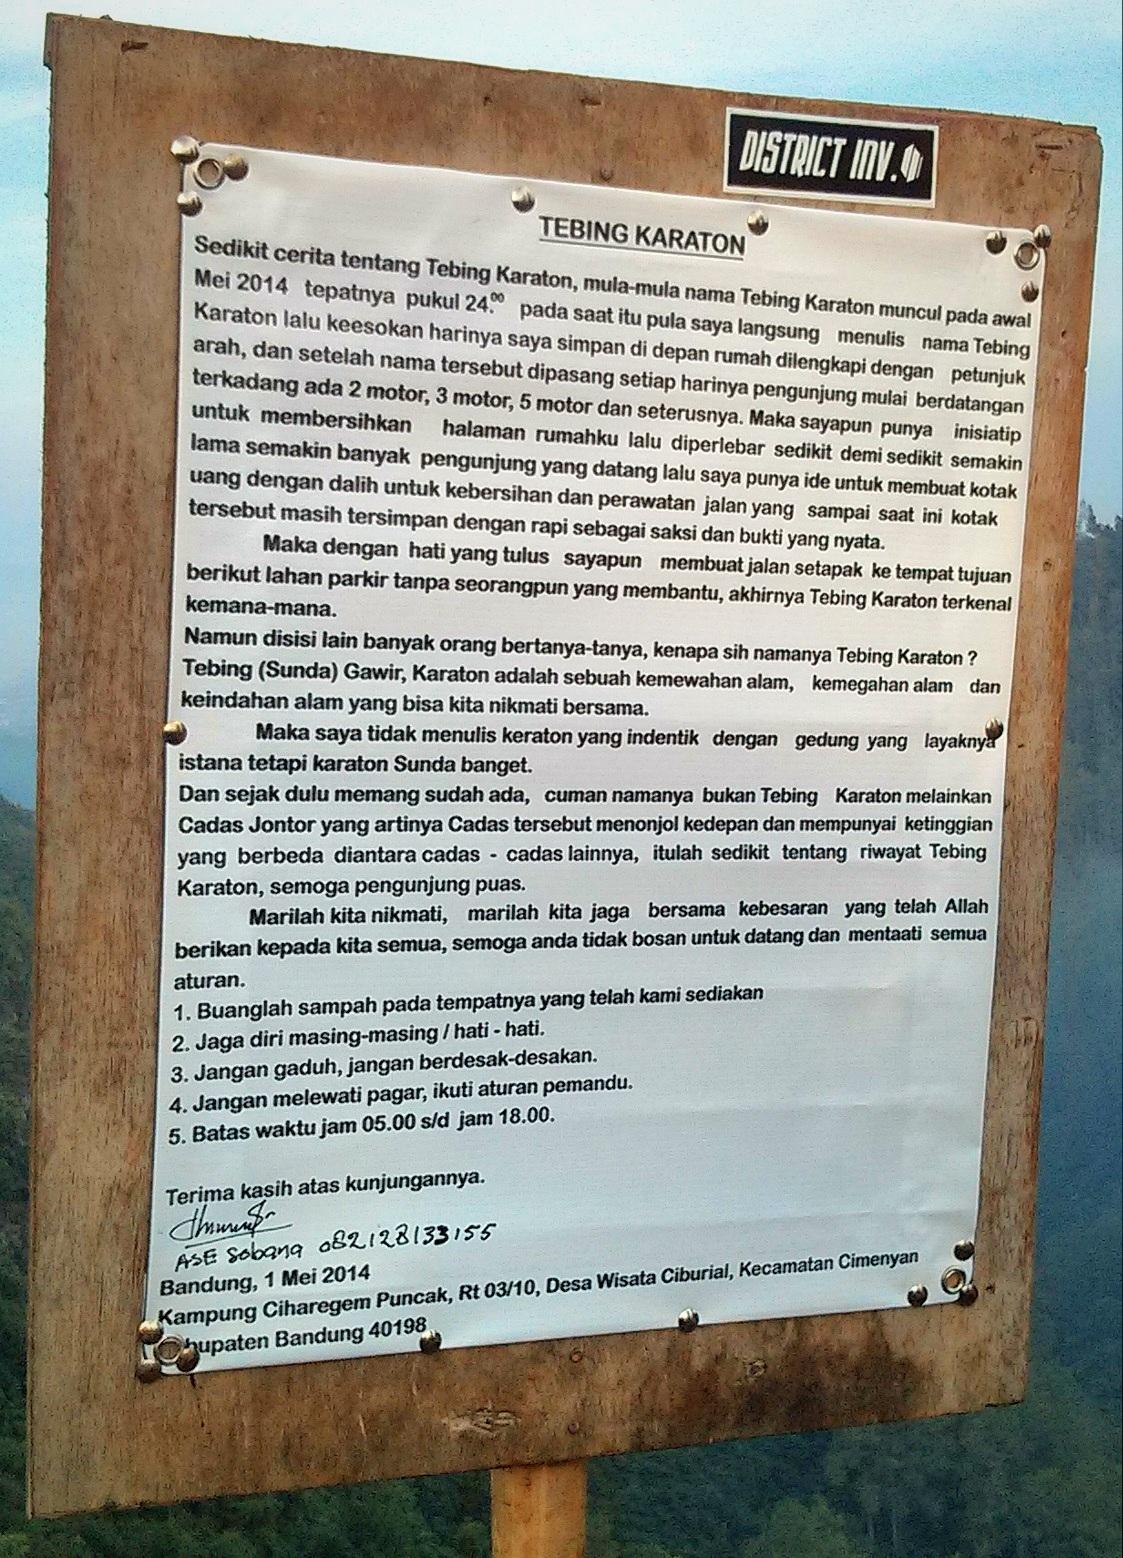 Cerita asal mula nama Tebing Karaton